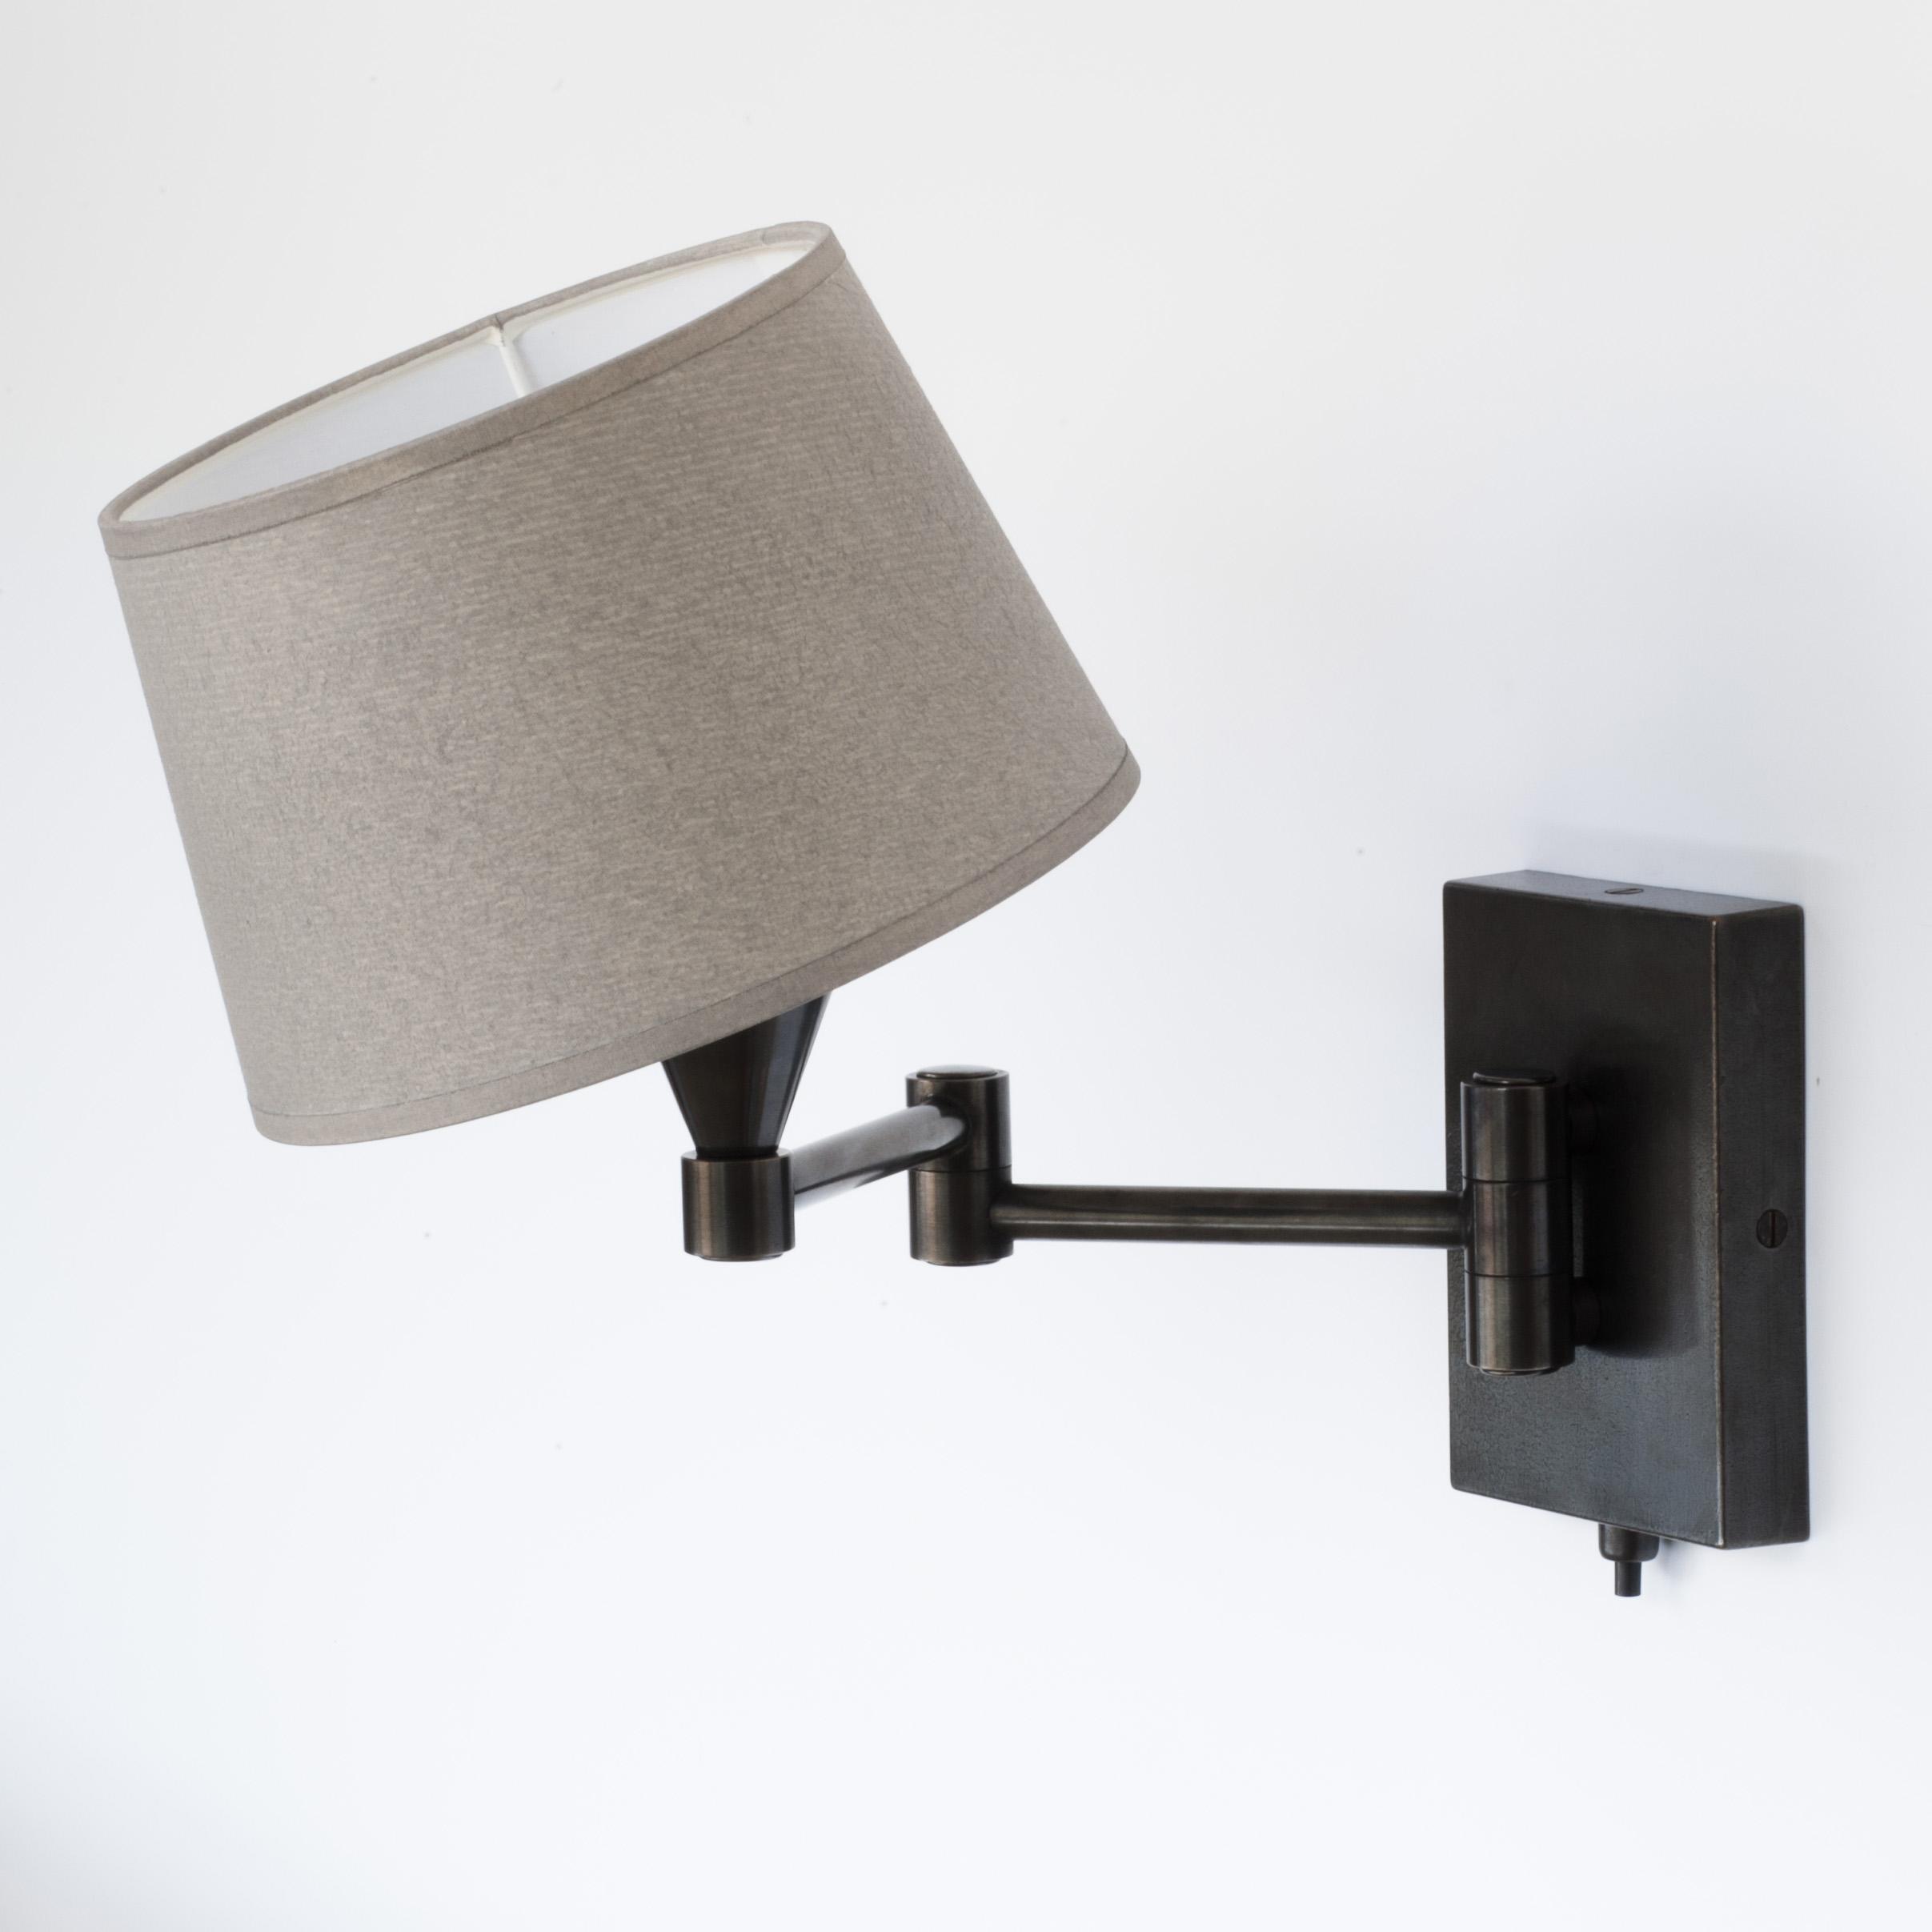 schwenkbare wandleuchte online kaufen. Black Bedroom Furniture Sets. Home Design Ideas